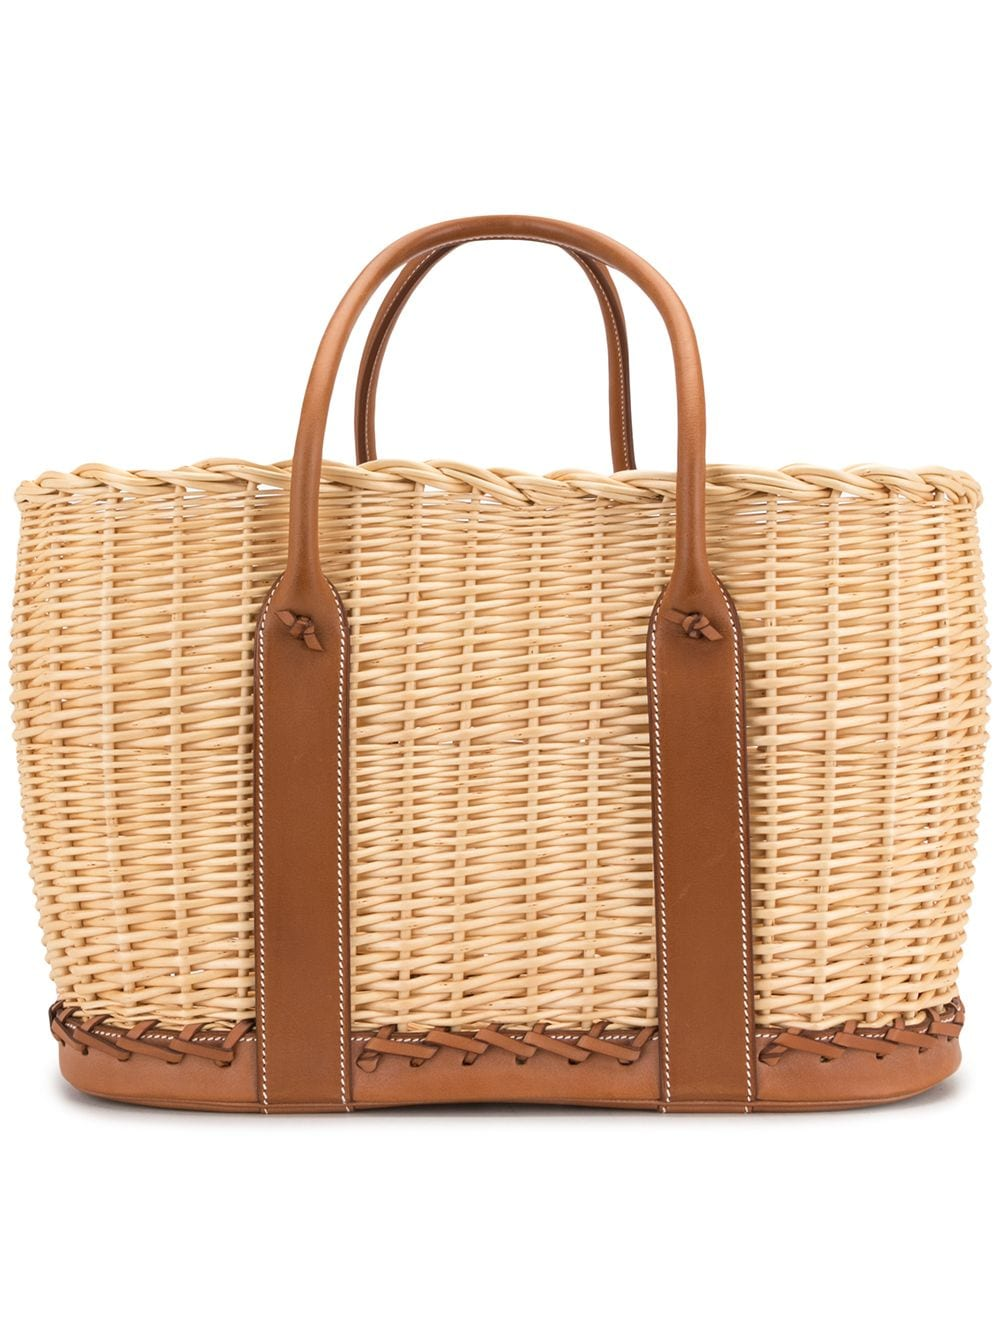 Hermès Pre-owned Garden Handtasche - Braun